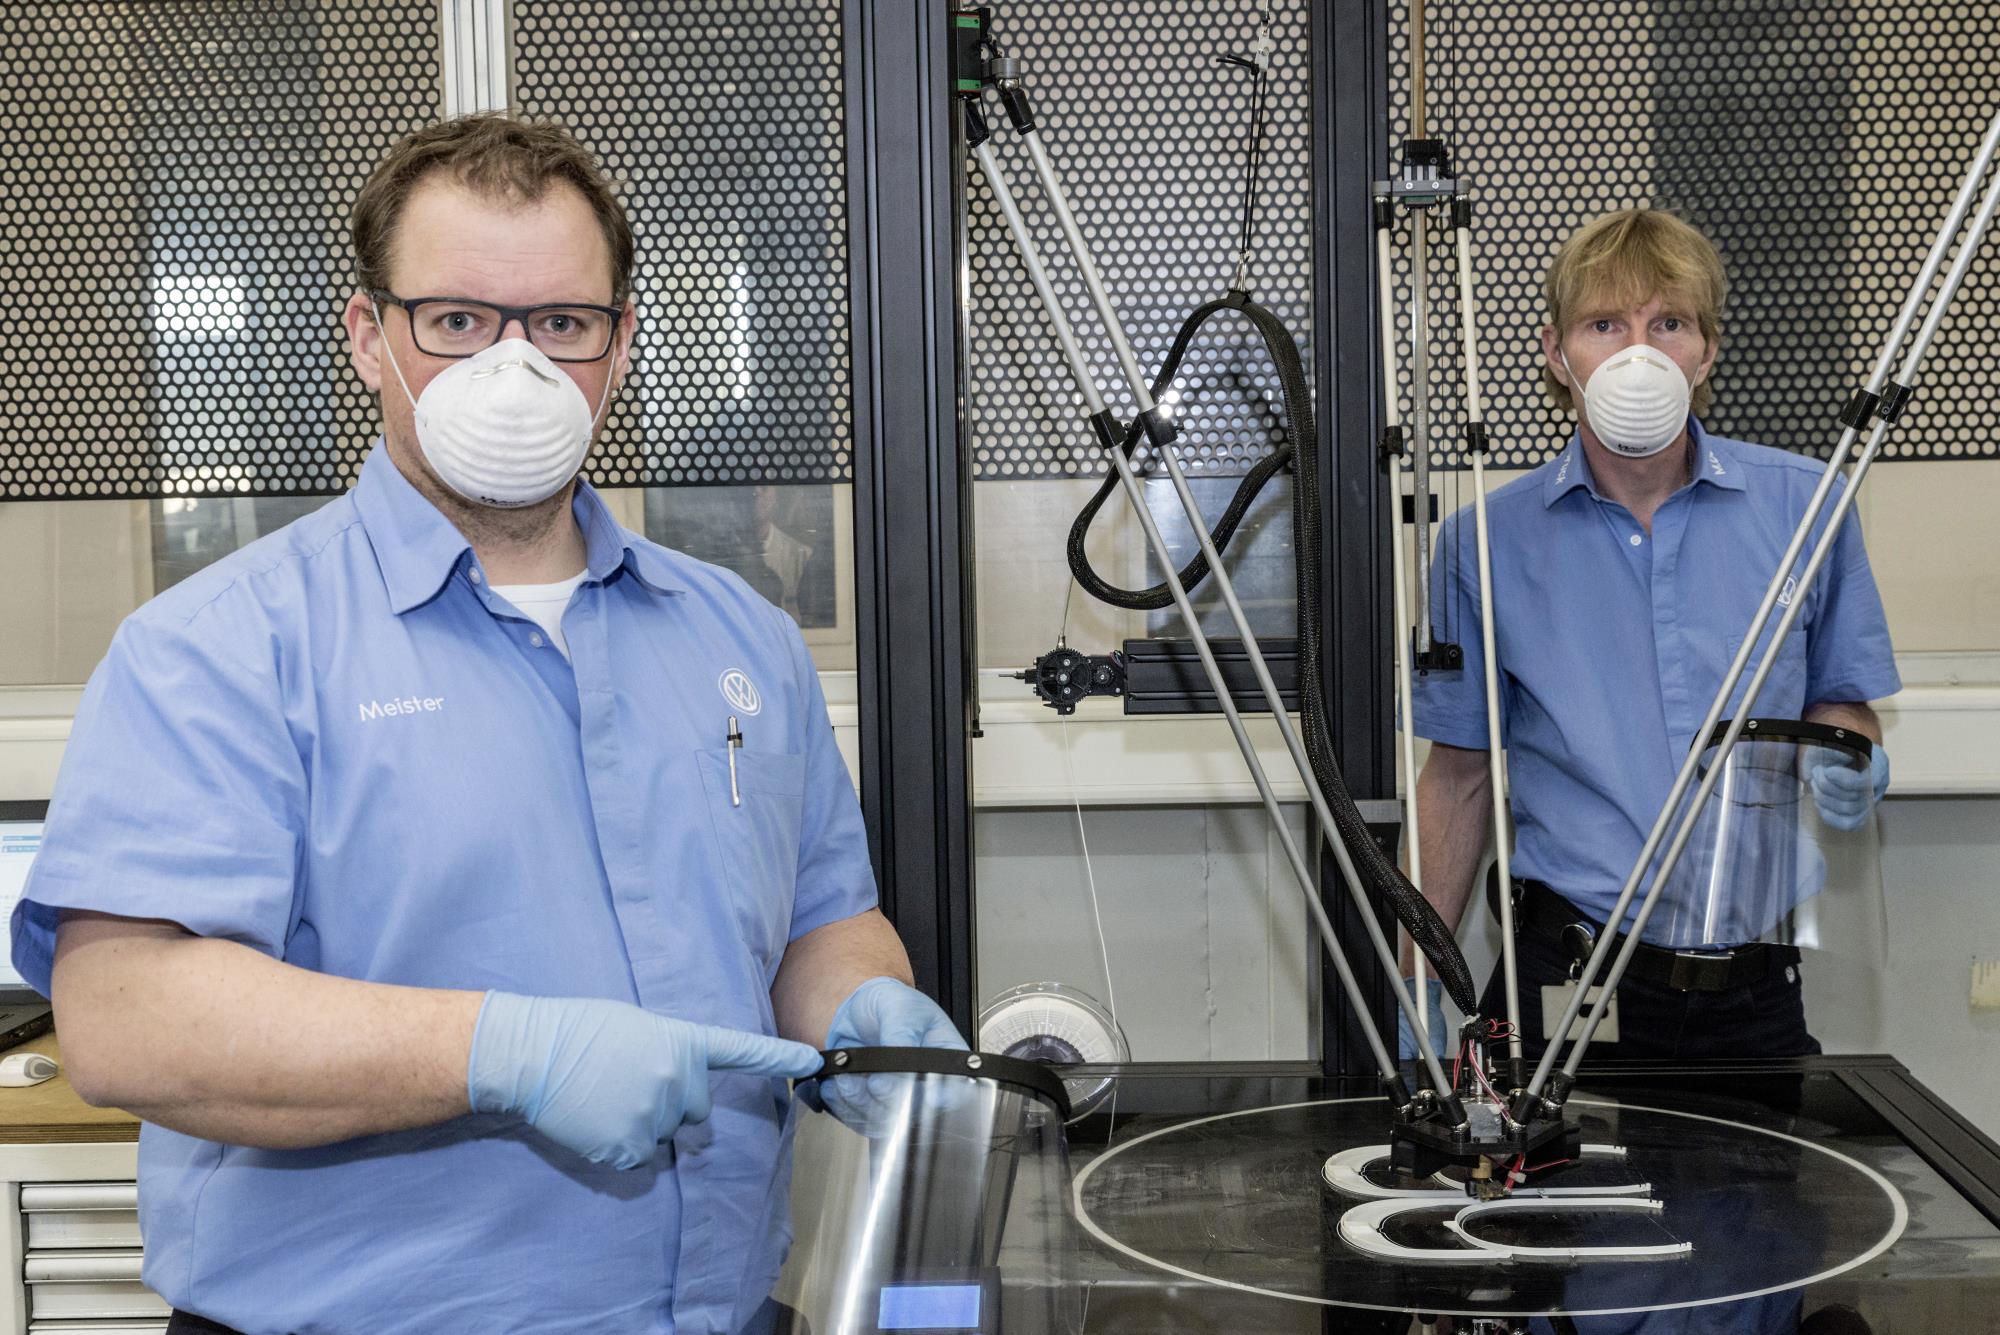 El Grupo Volkswagen ha empezado a producir portaviseras mediante la impresión 3D